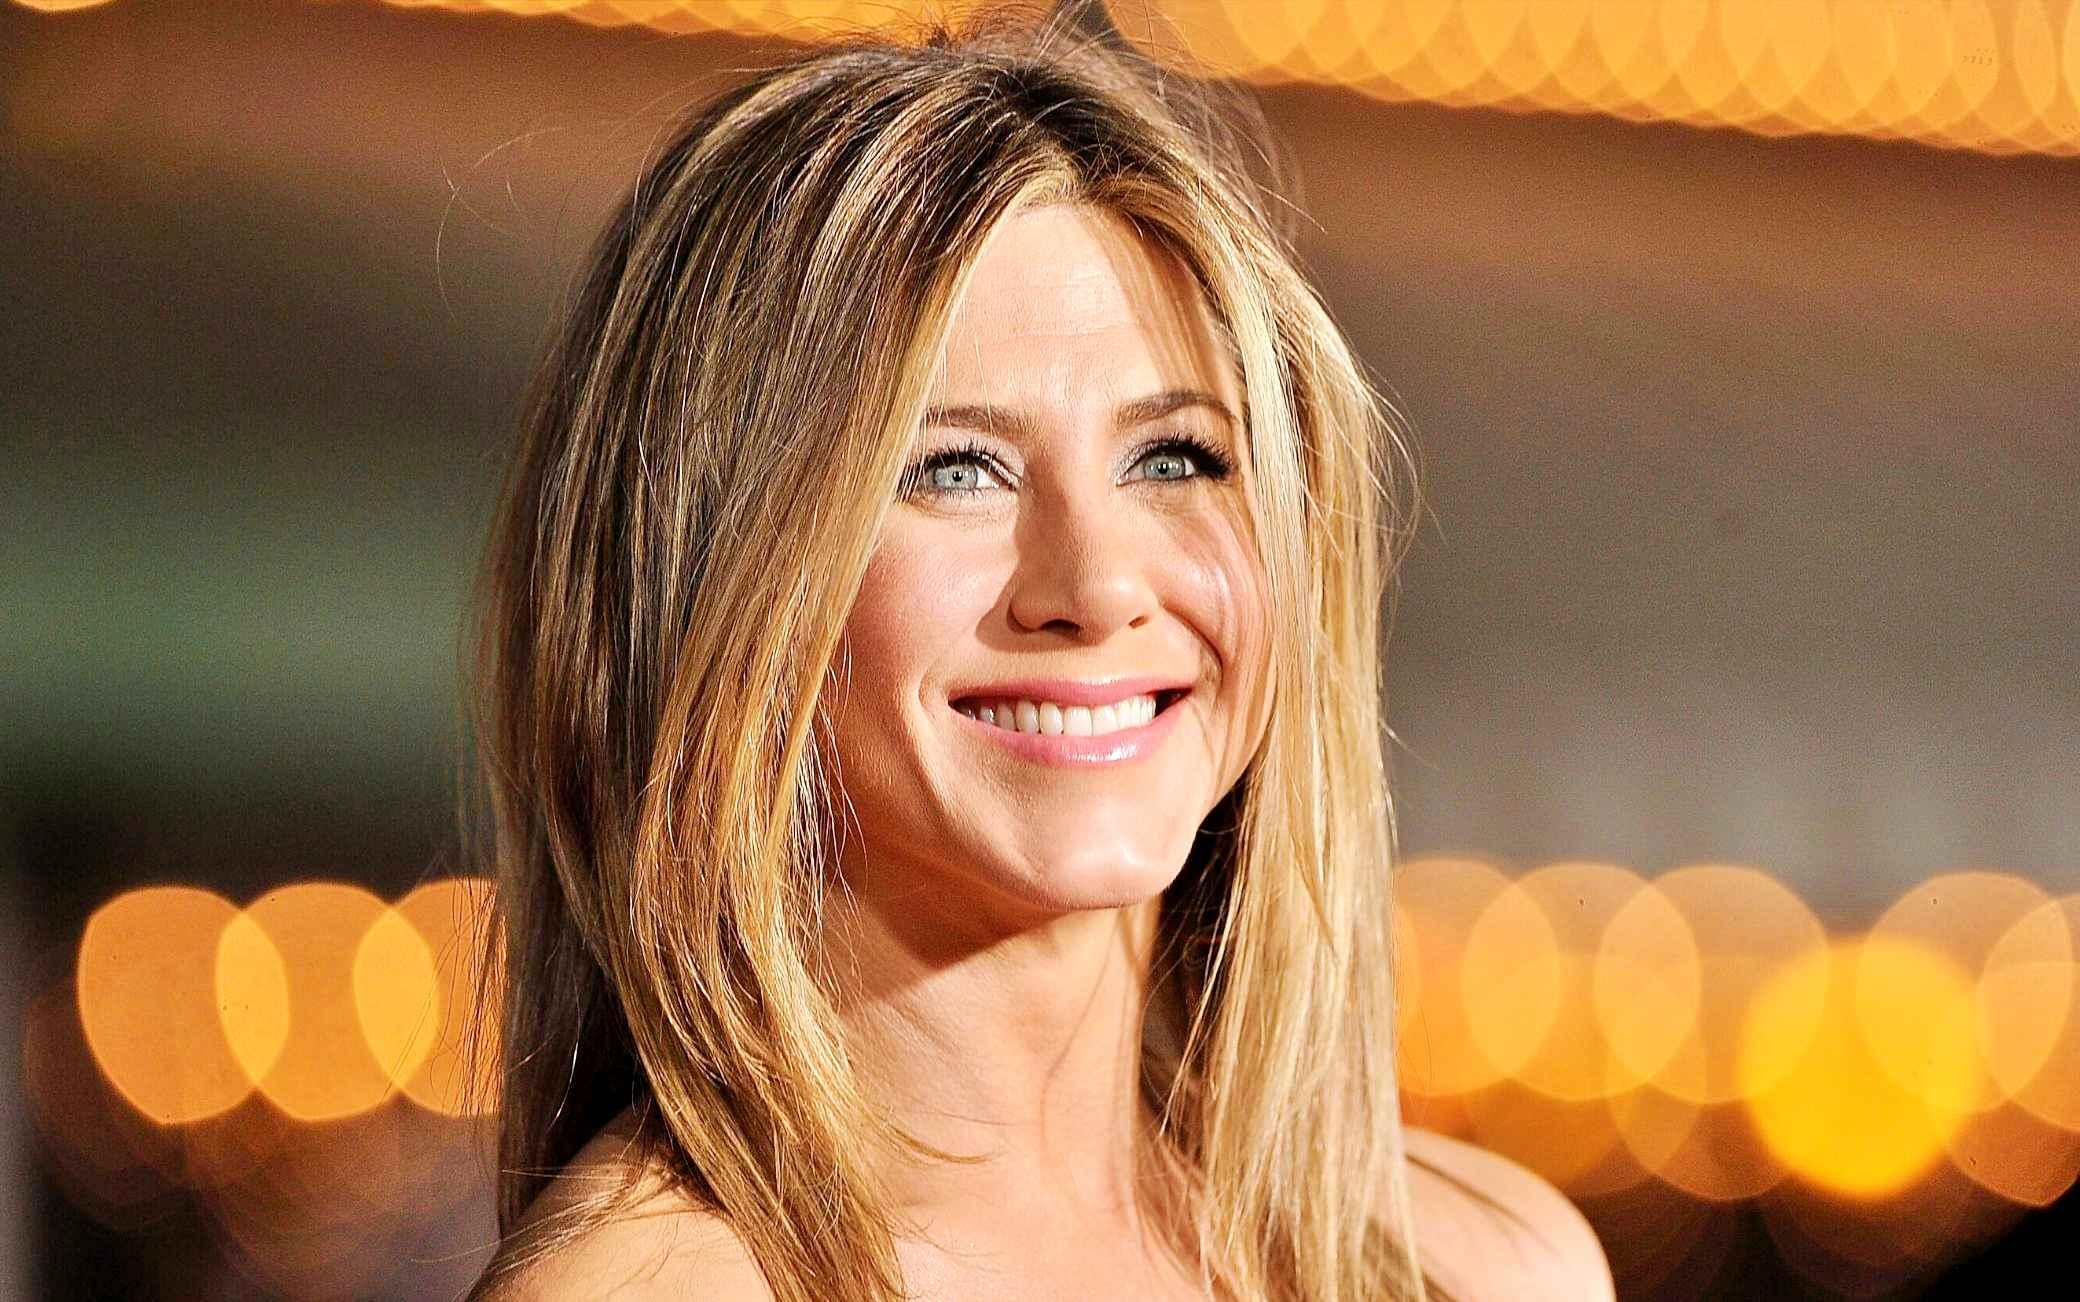 Una foto di Jennifer Aniston nuda allasta contro il